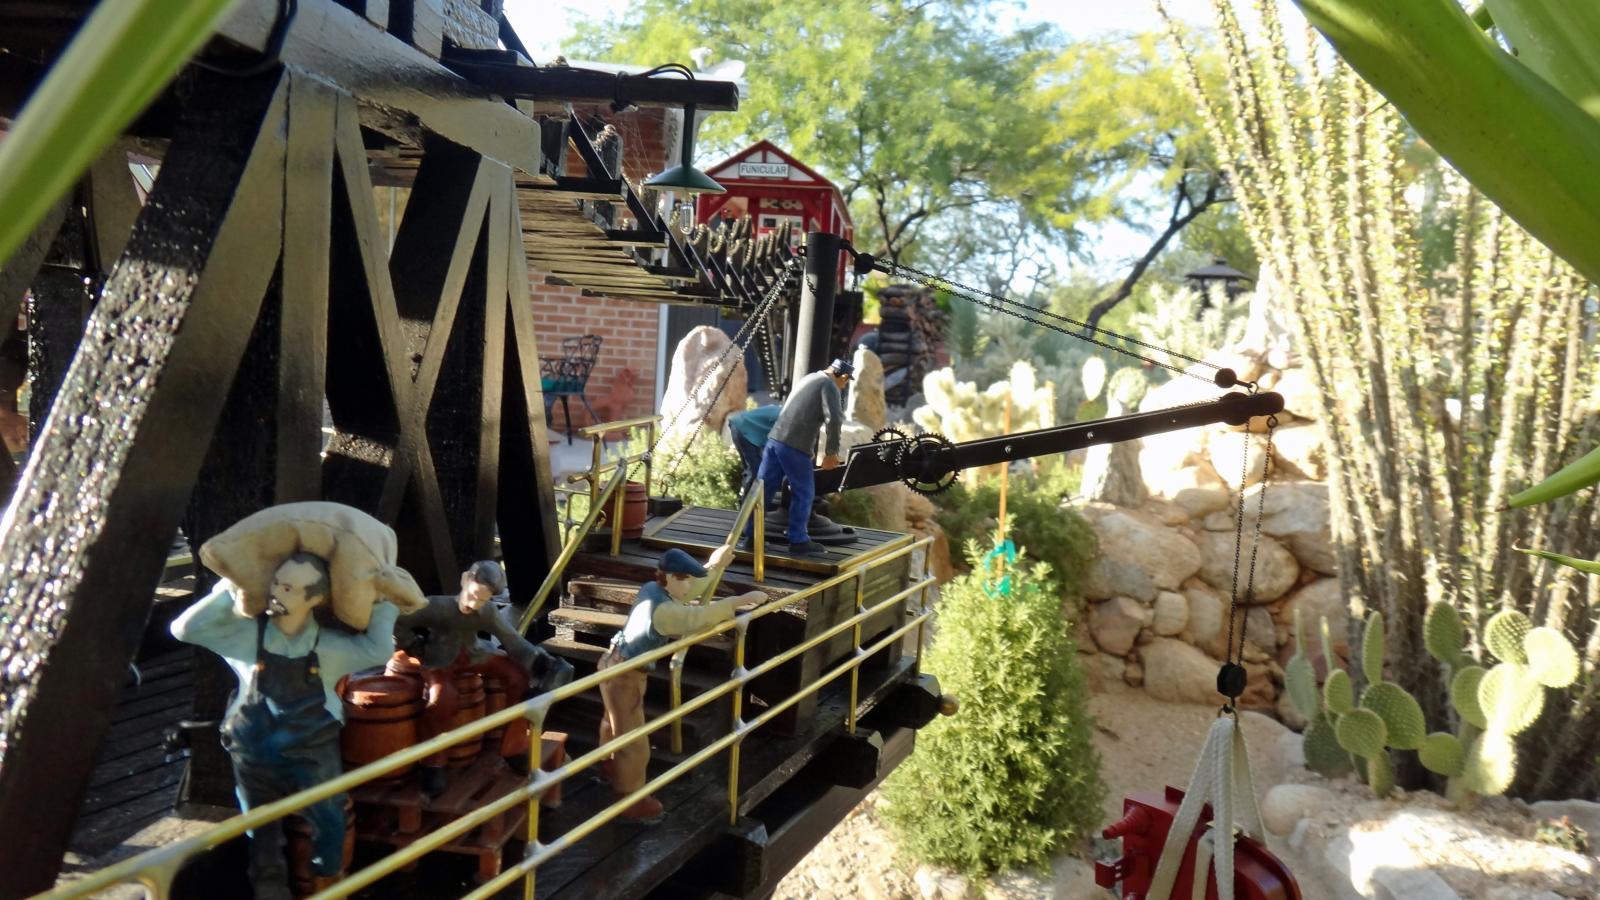 Garden Railway Treehouse Remodeled-55.JPG